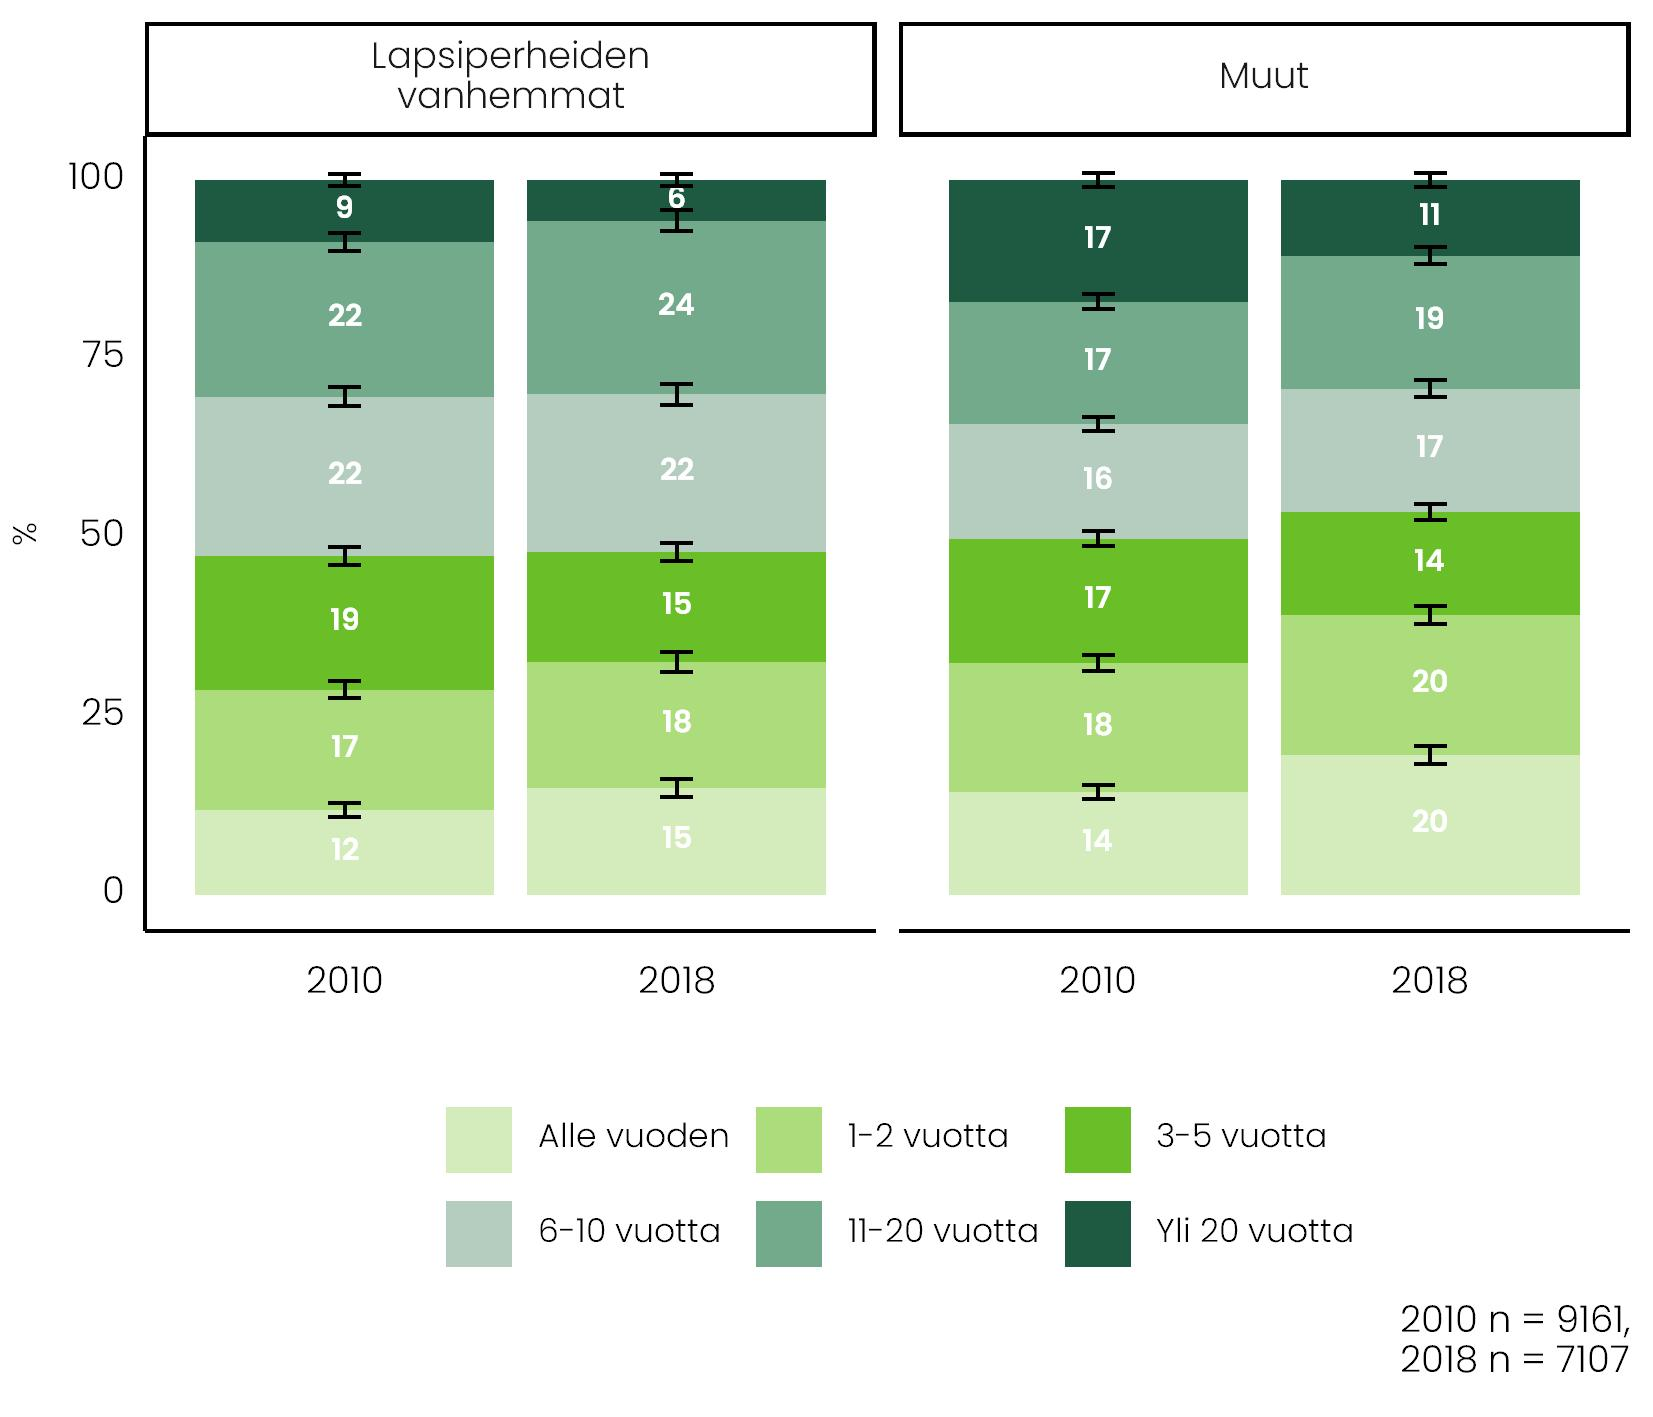 Kuvio näyttää, miten työsuhteiden pituudet ovat muuttuneet lapsiperheiden vanhempien ja muiden välillä vuosina 2010 ja 2018. Tiedot tekstissä.